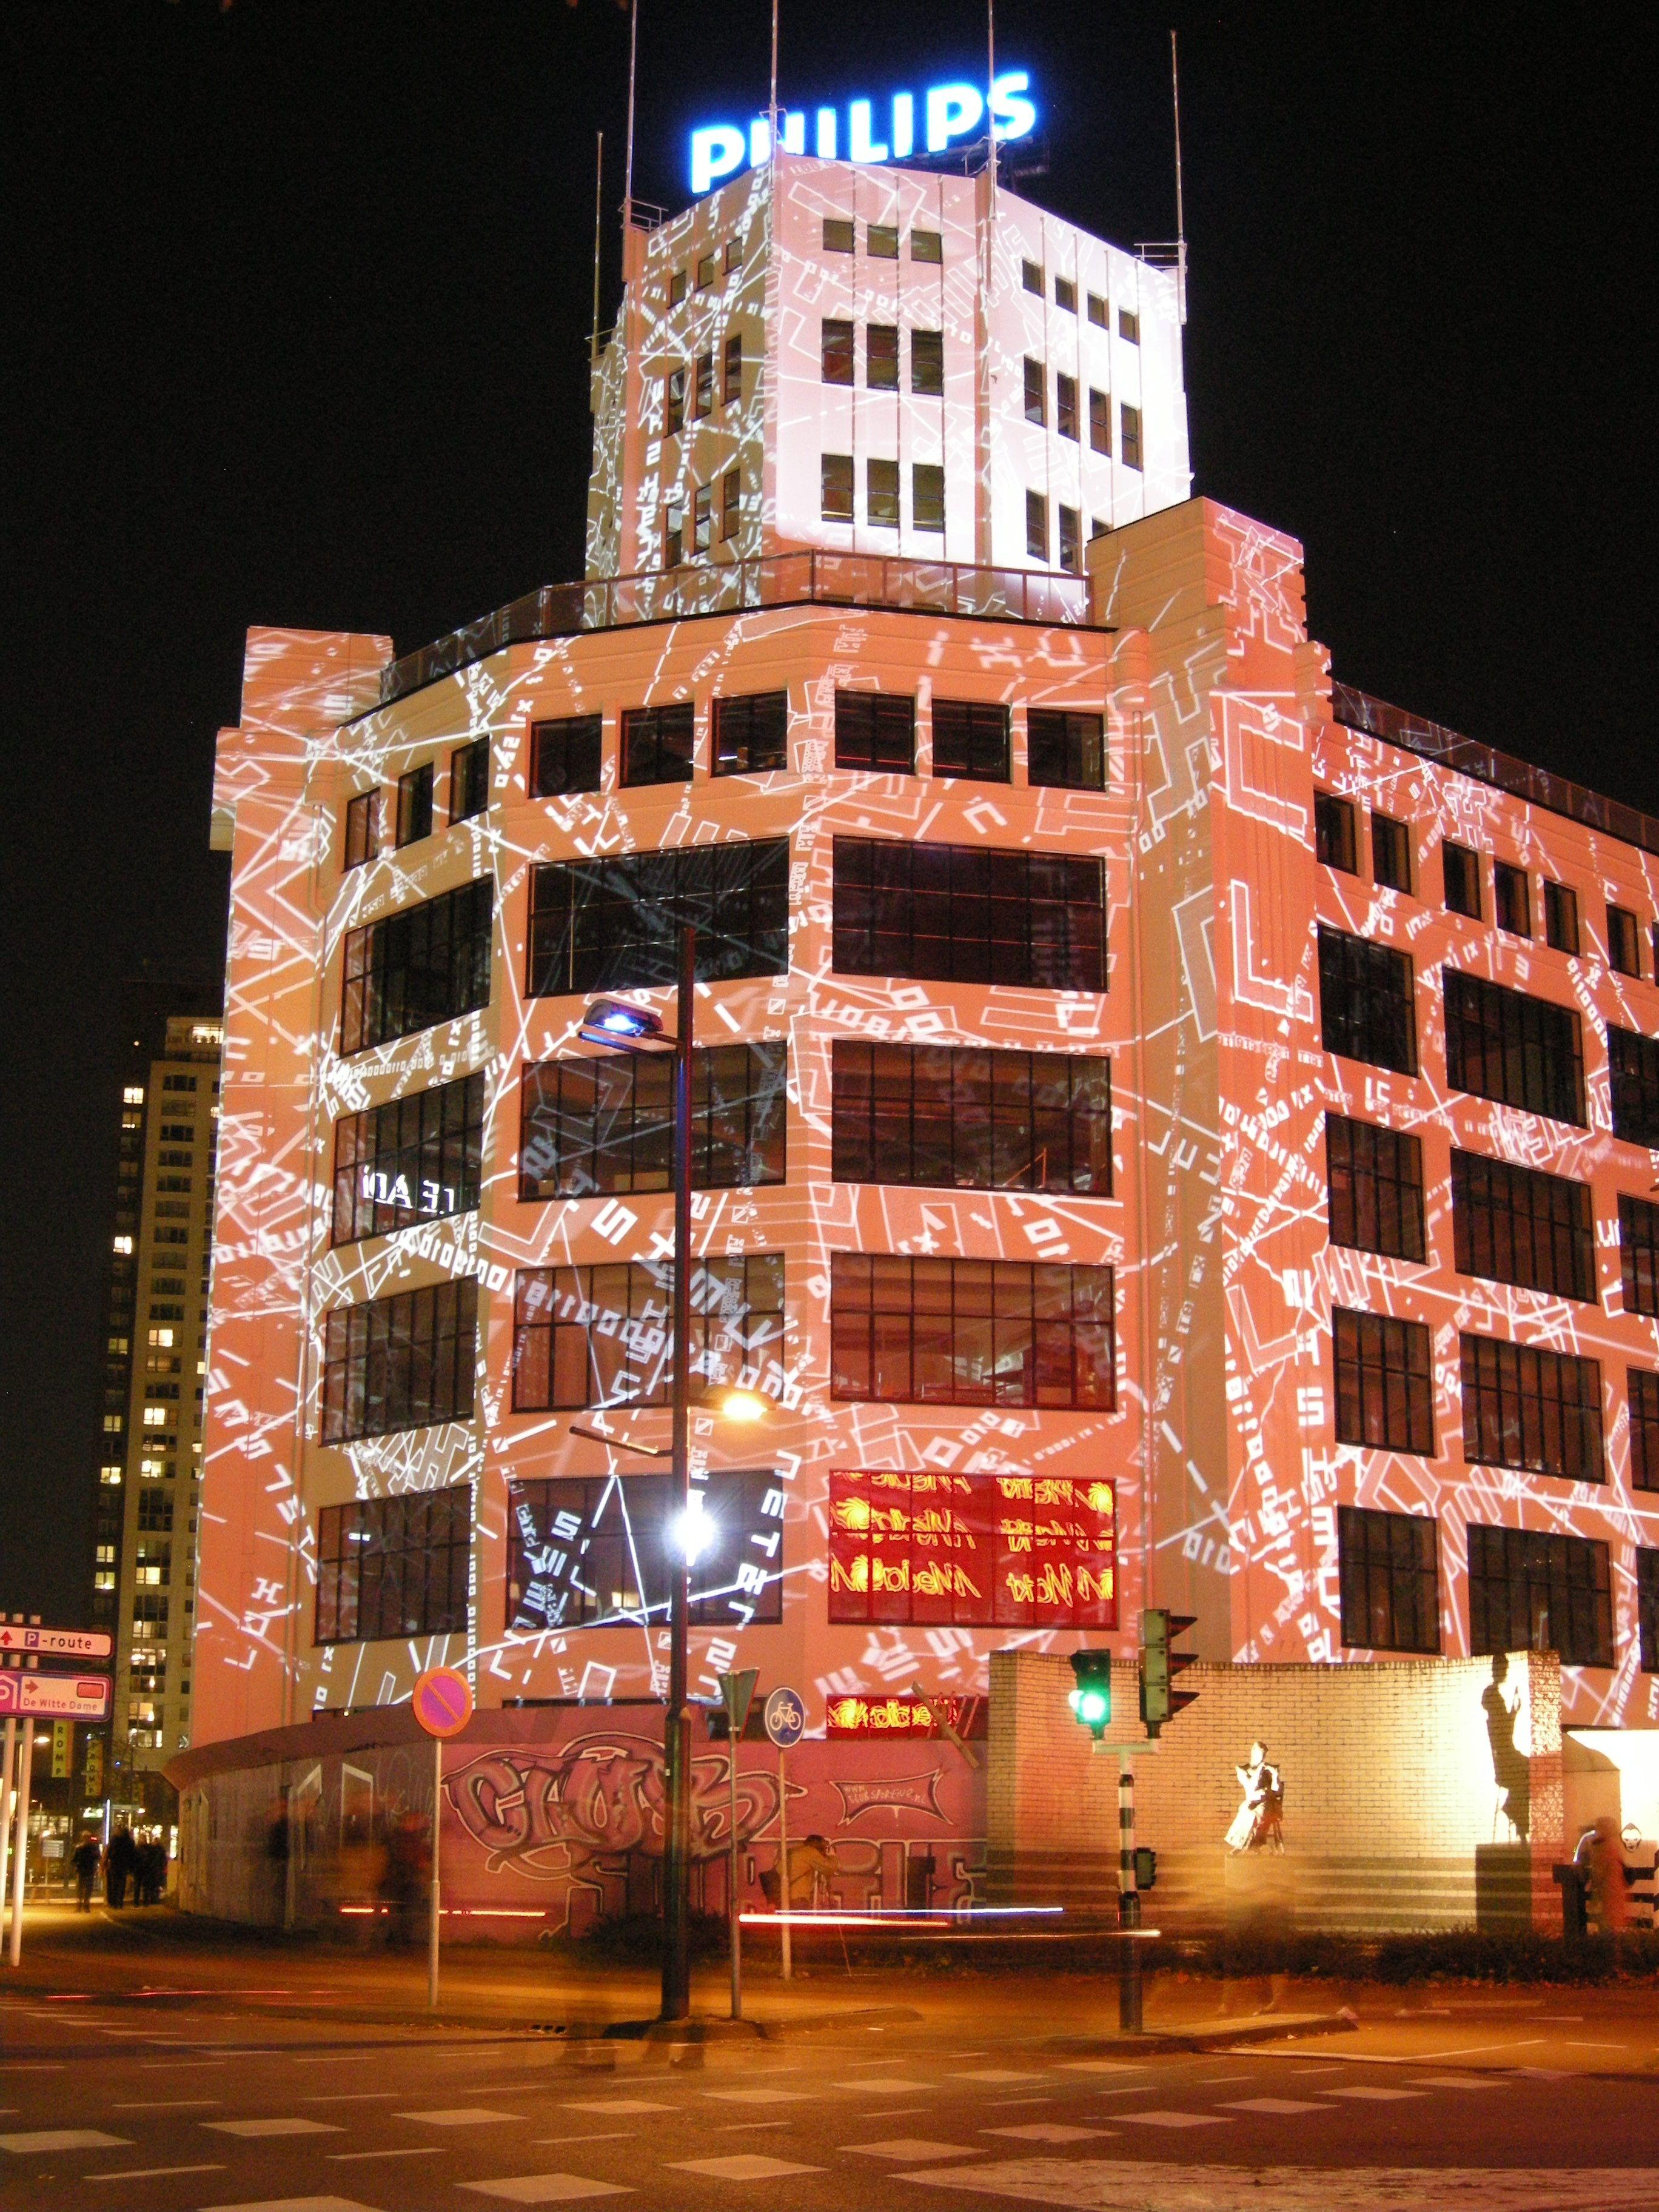 de Philips Lichttoren Eindhoven